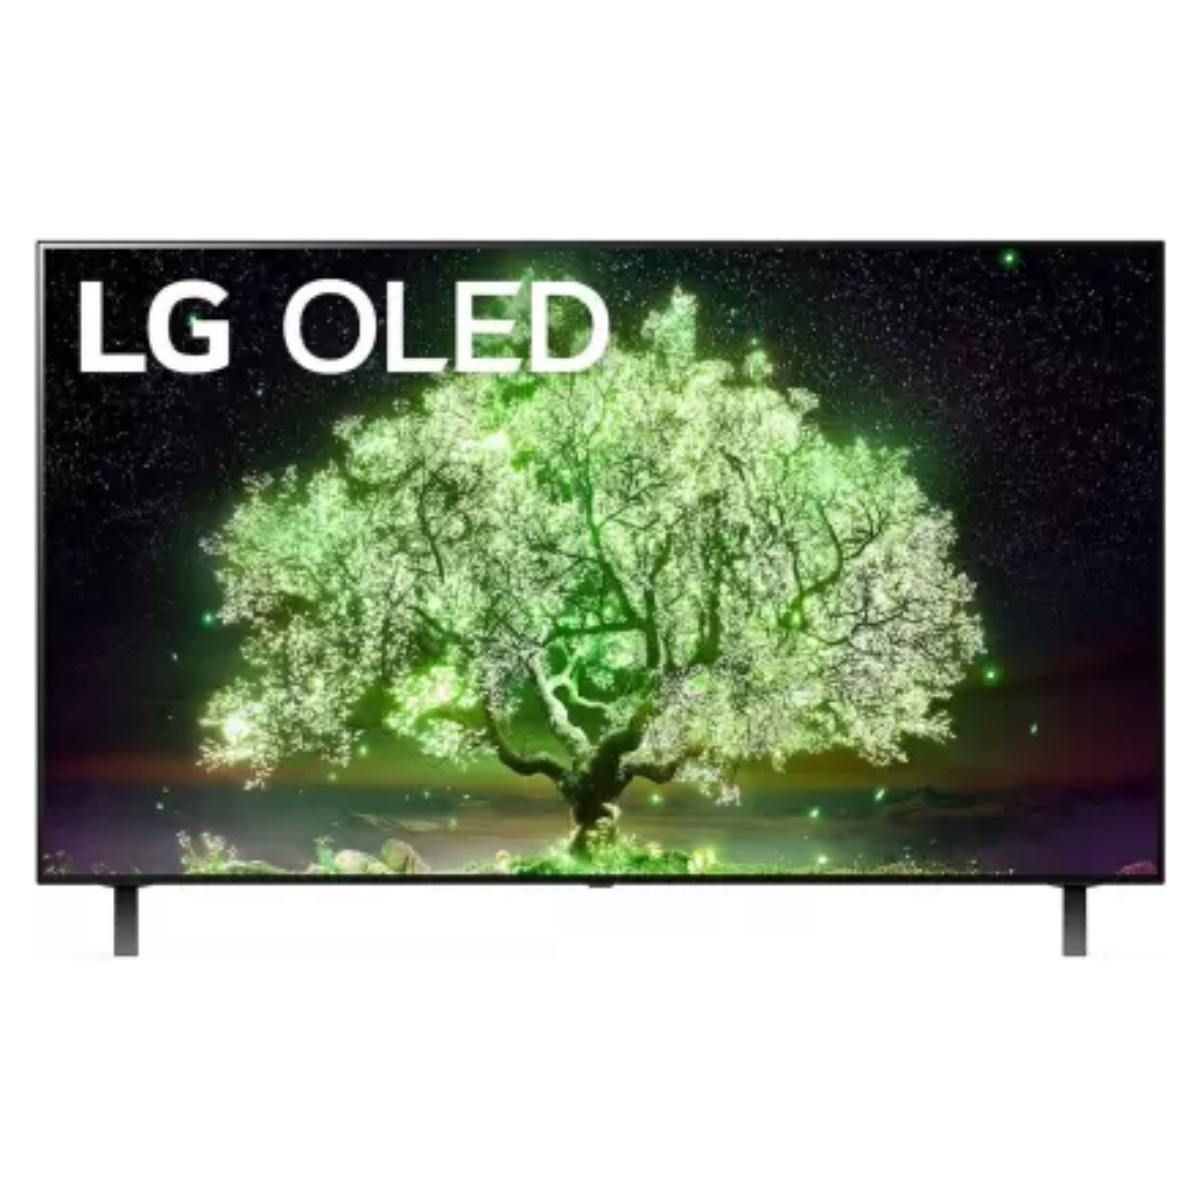 ಎಲ್ಜ OLED A1 Series 65 ಇಂಚು OLED 4K TV